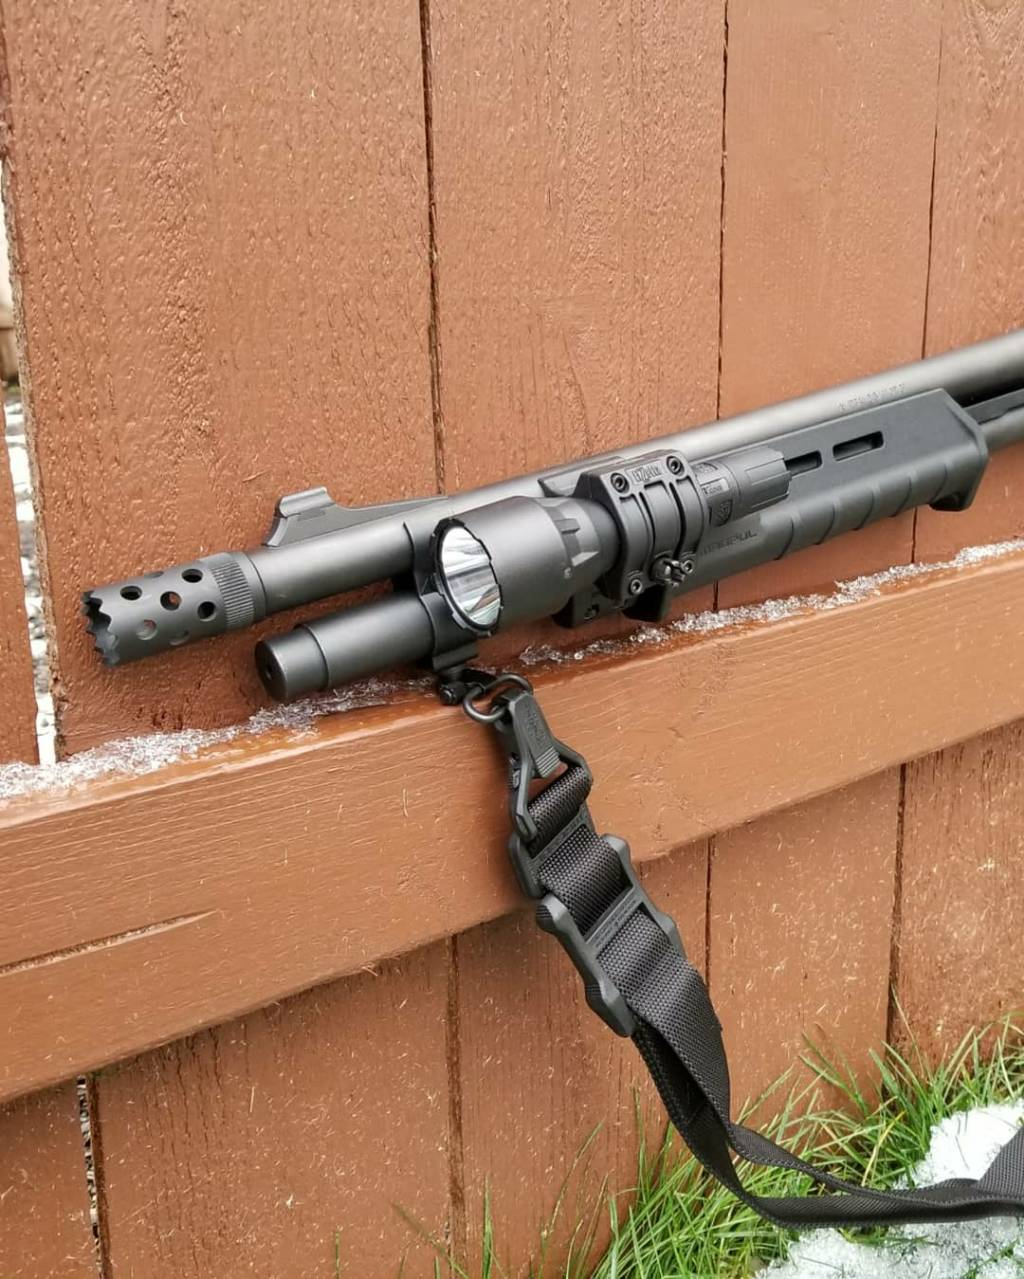 Remington 870 Tactical Home Defense (HD) build